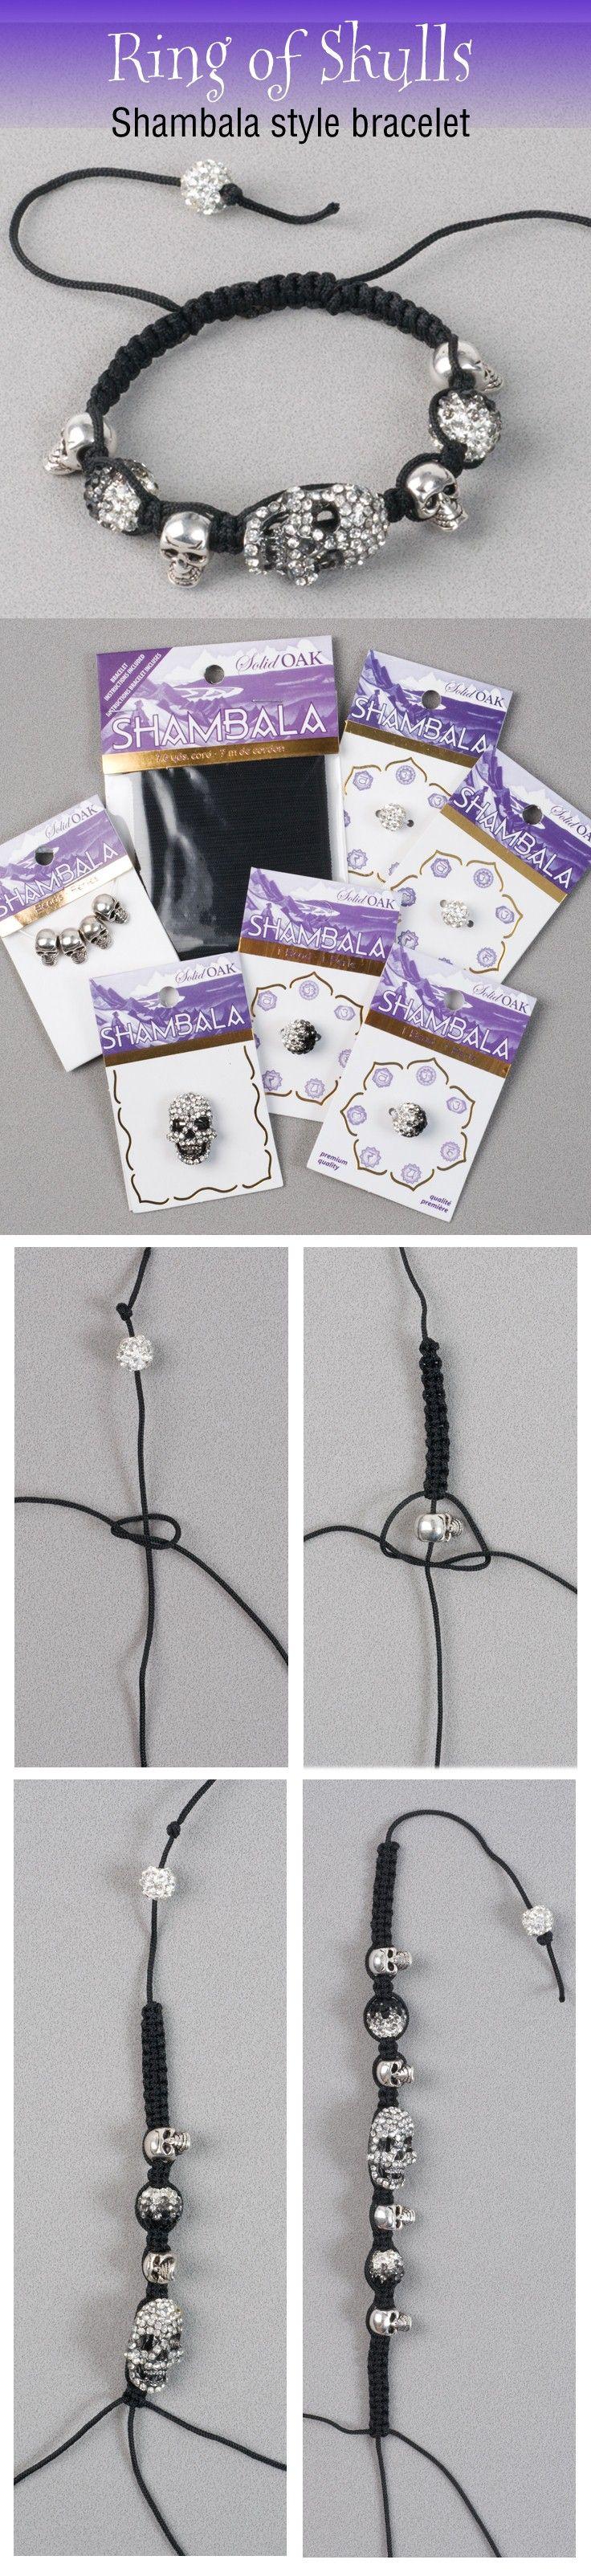 Ring of Skulls Shamabala Style Bracelet DIY